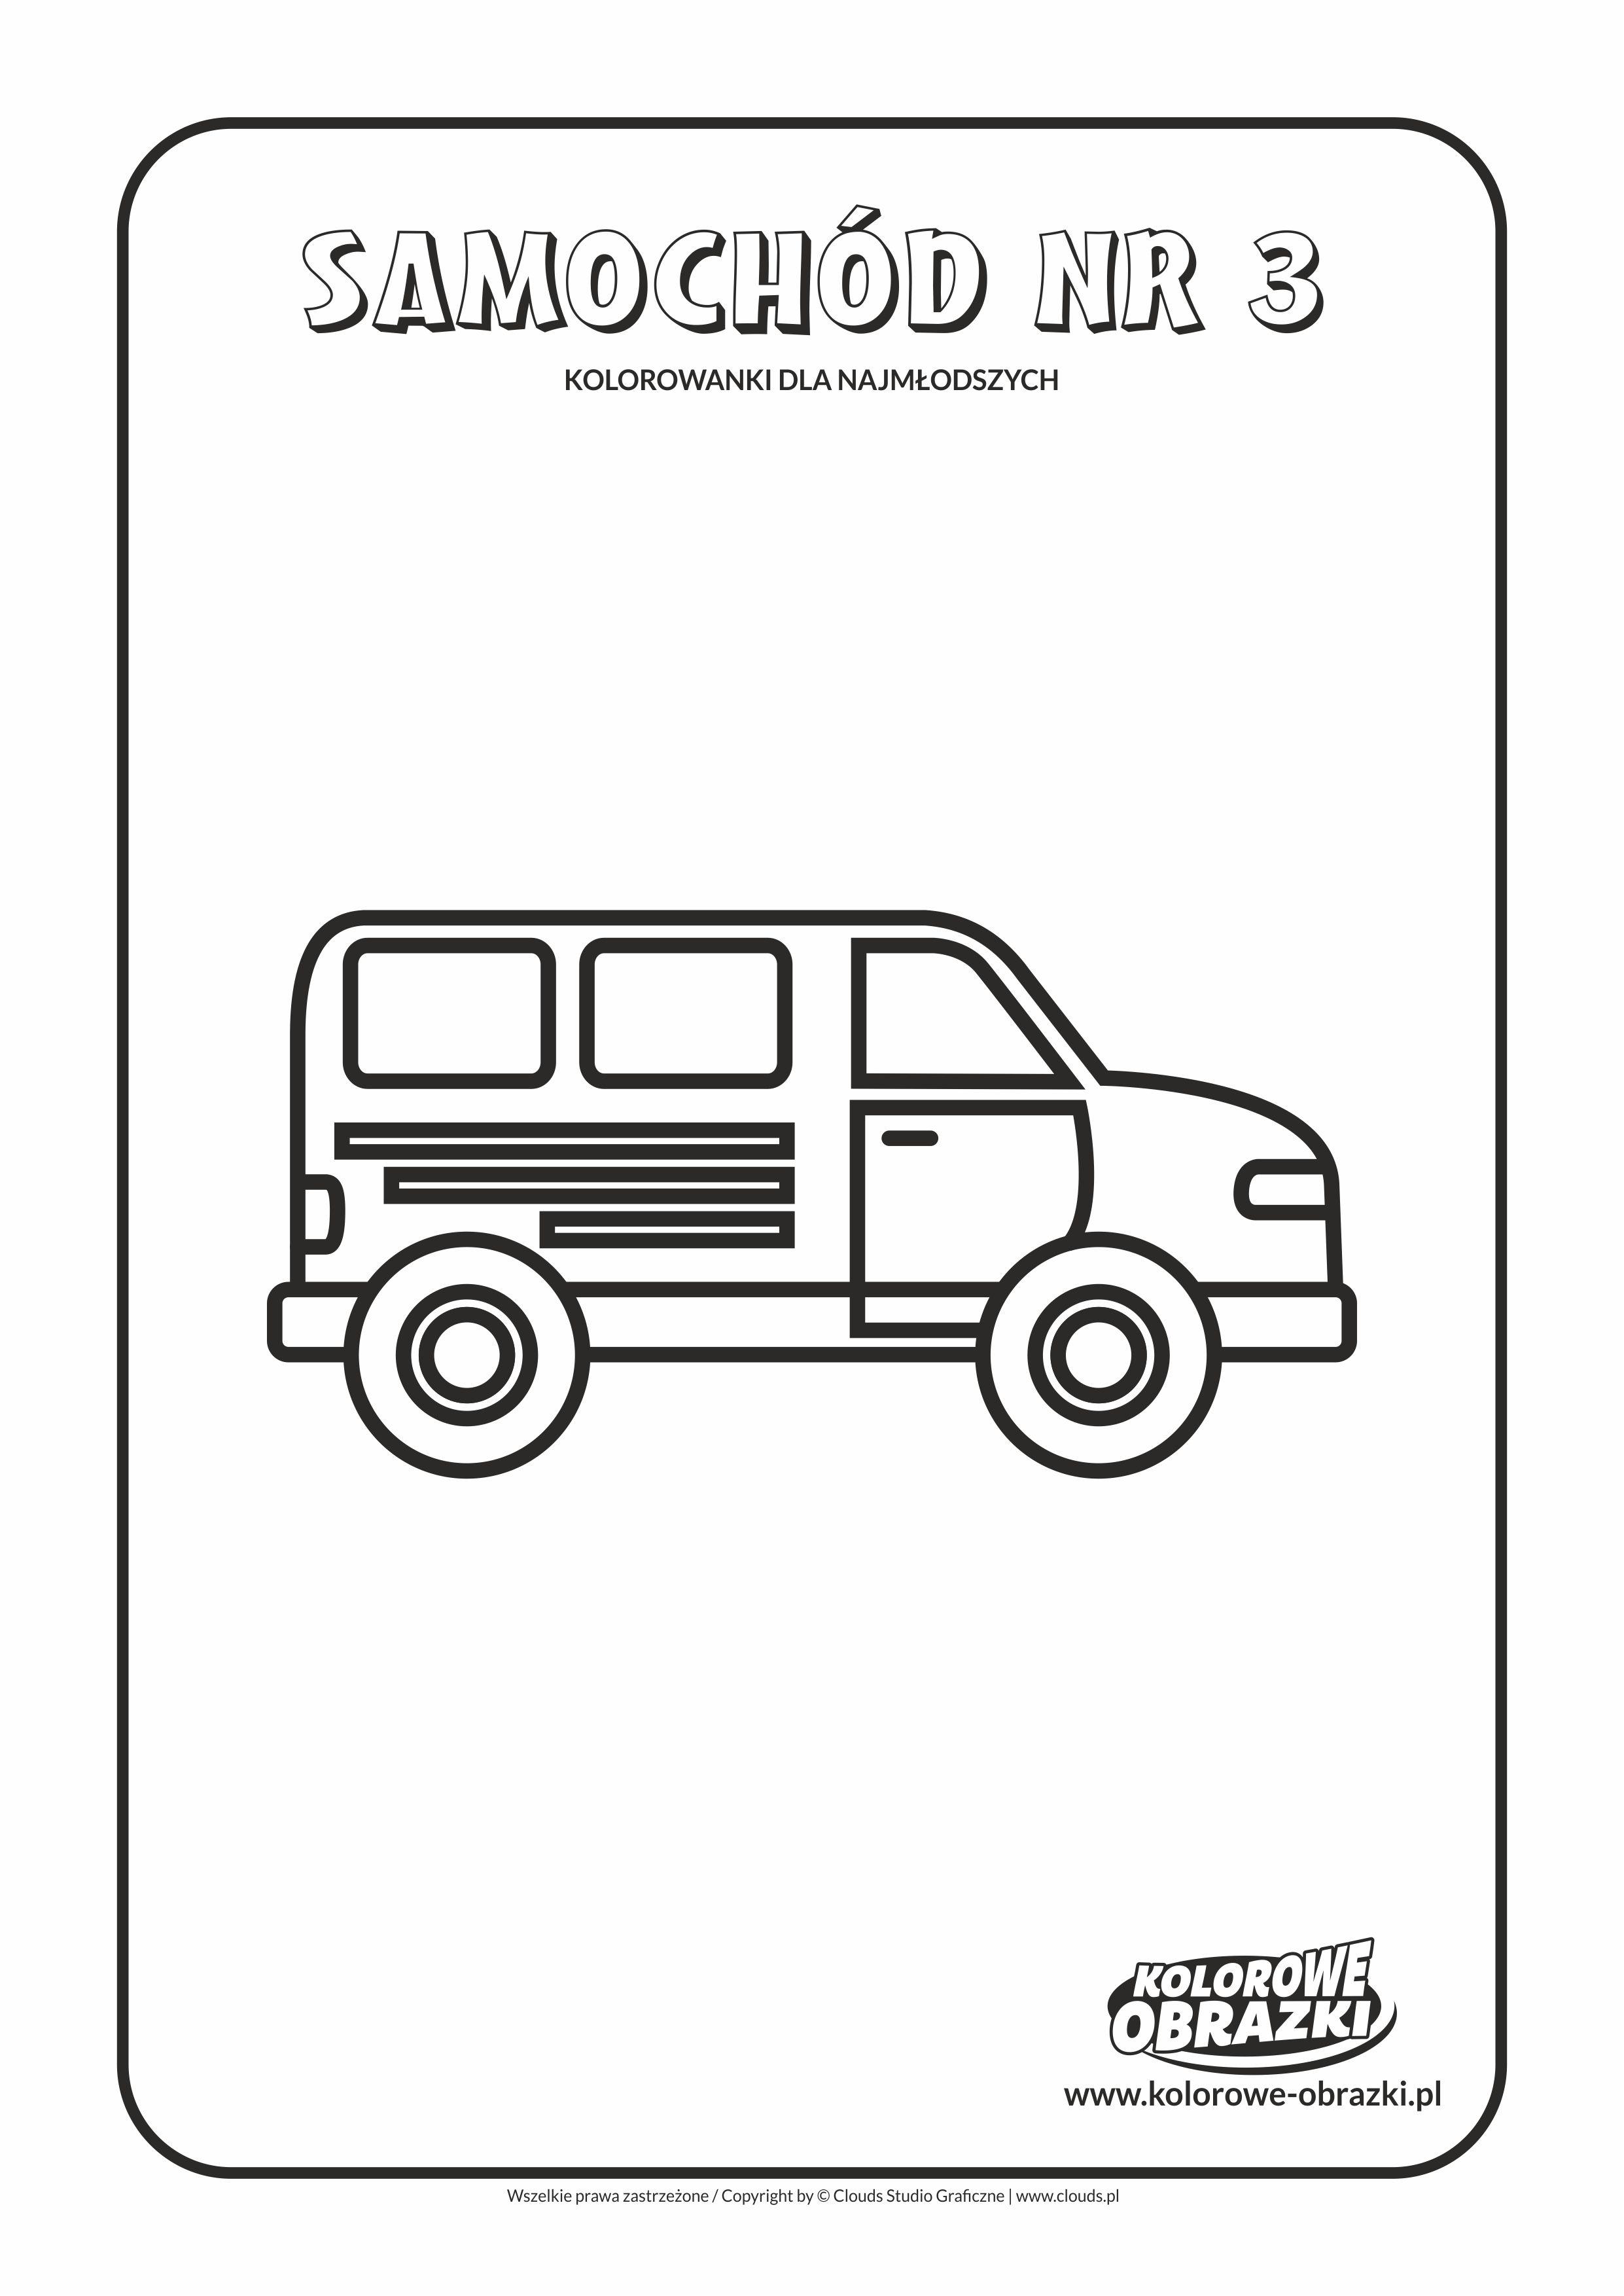 Proste kolorowanki dla najmłodszych - Samochody / Samochód nr 3. Kolorowanka z samochodem